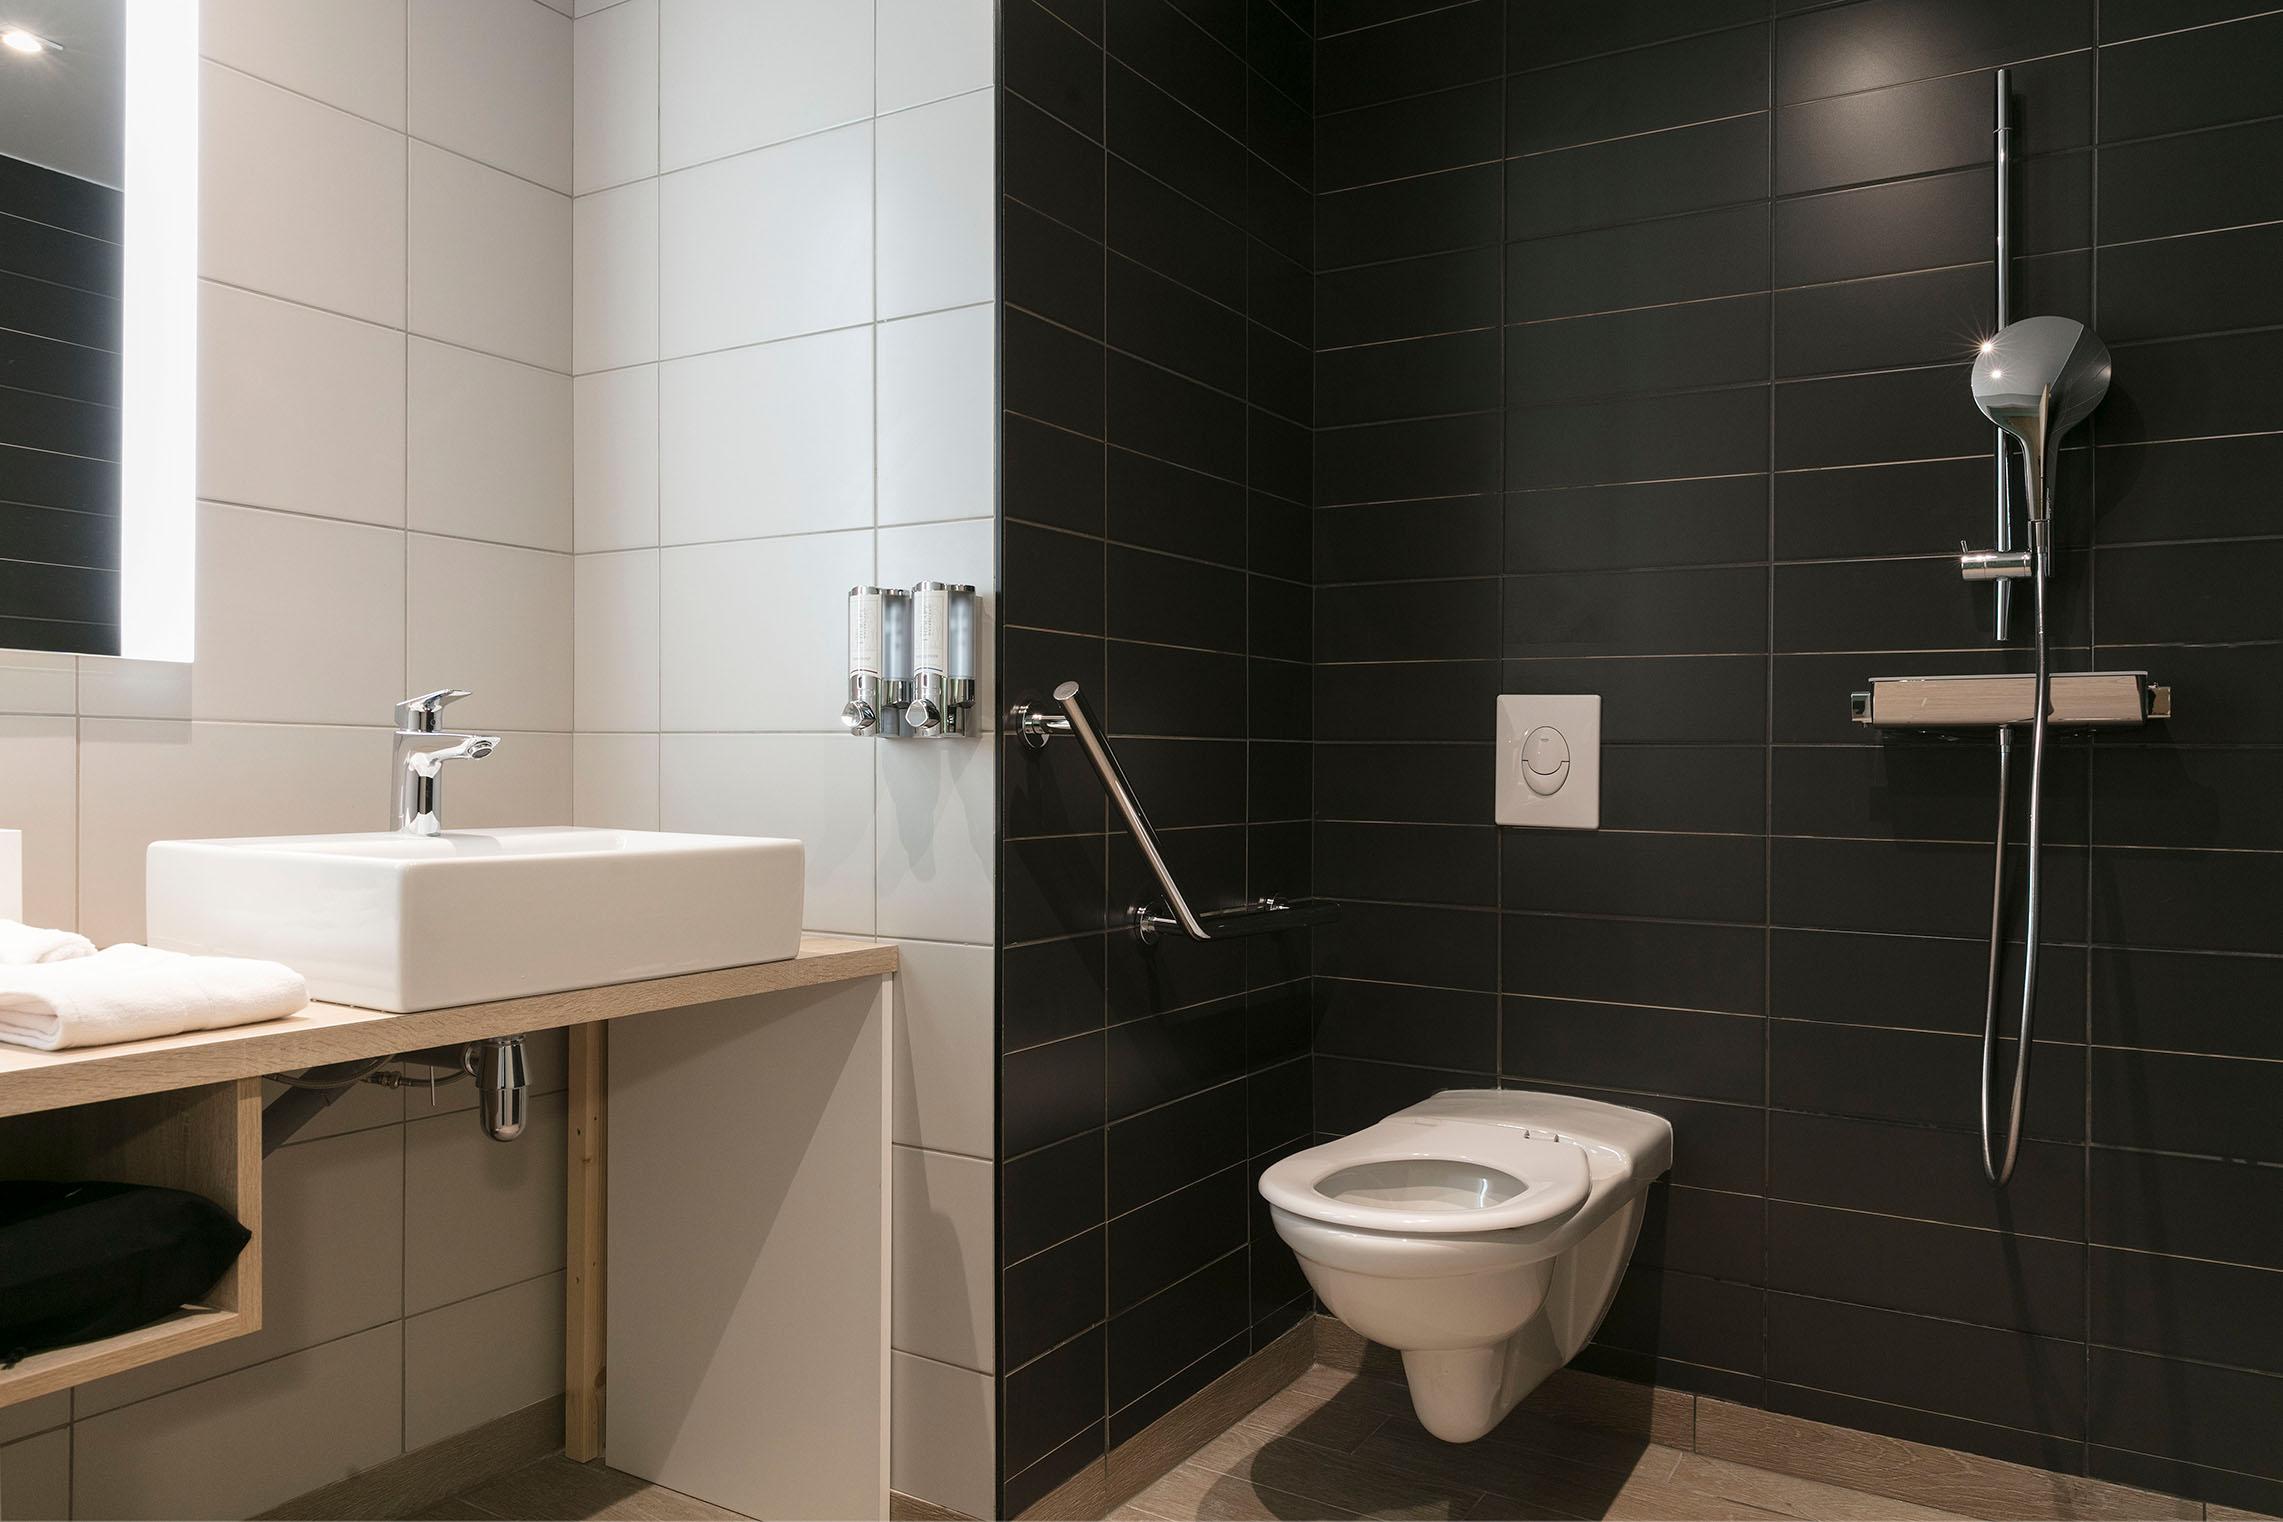 hampton-by-hilton-paris-clichy-salle-de-bain-3